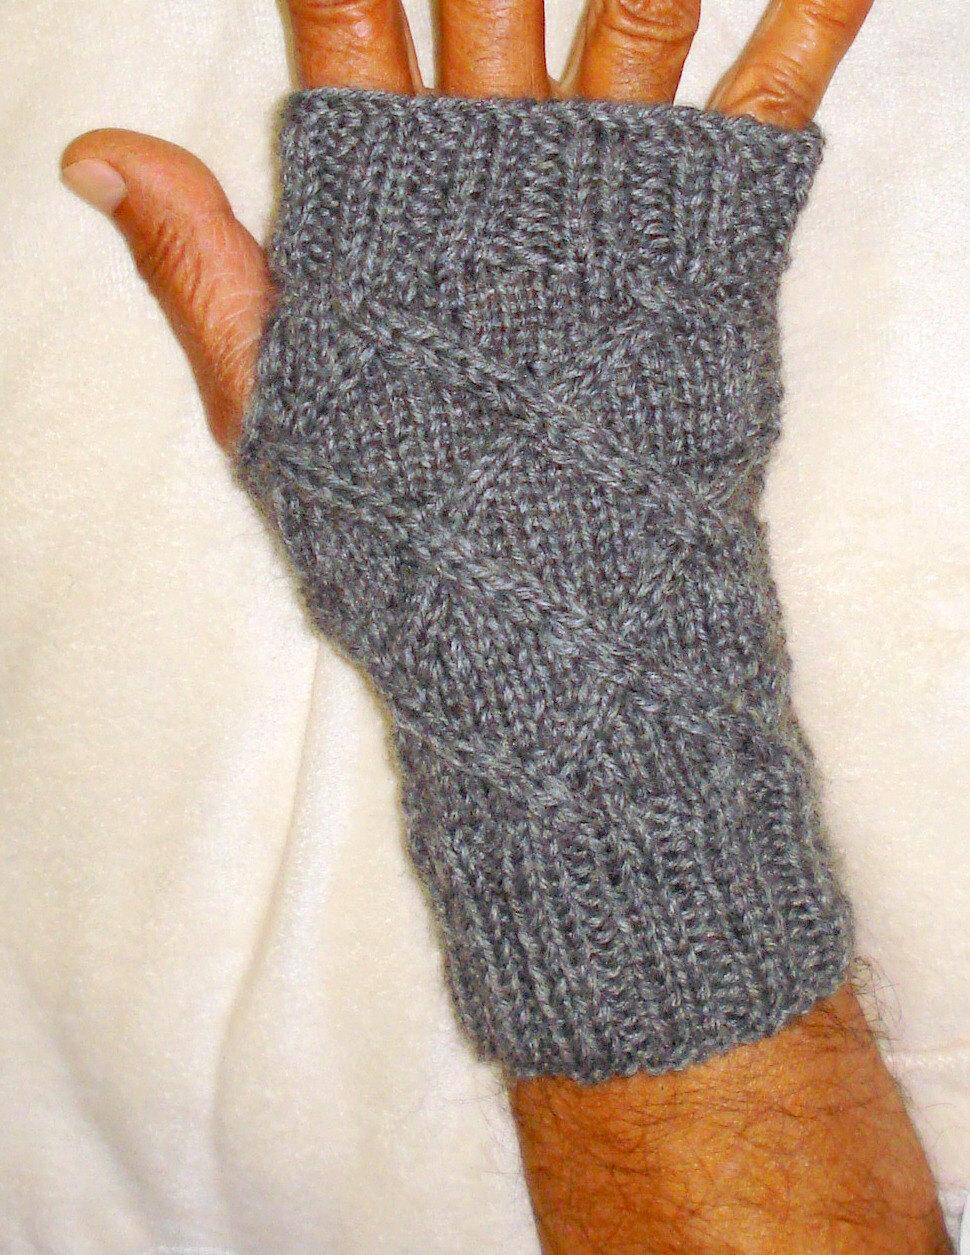 convertible men u0026 39 s mittens fingerless gloves men u0026 39 s gifts